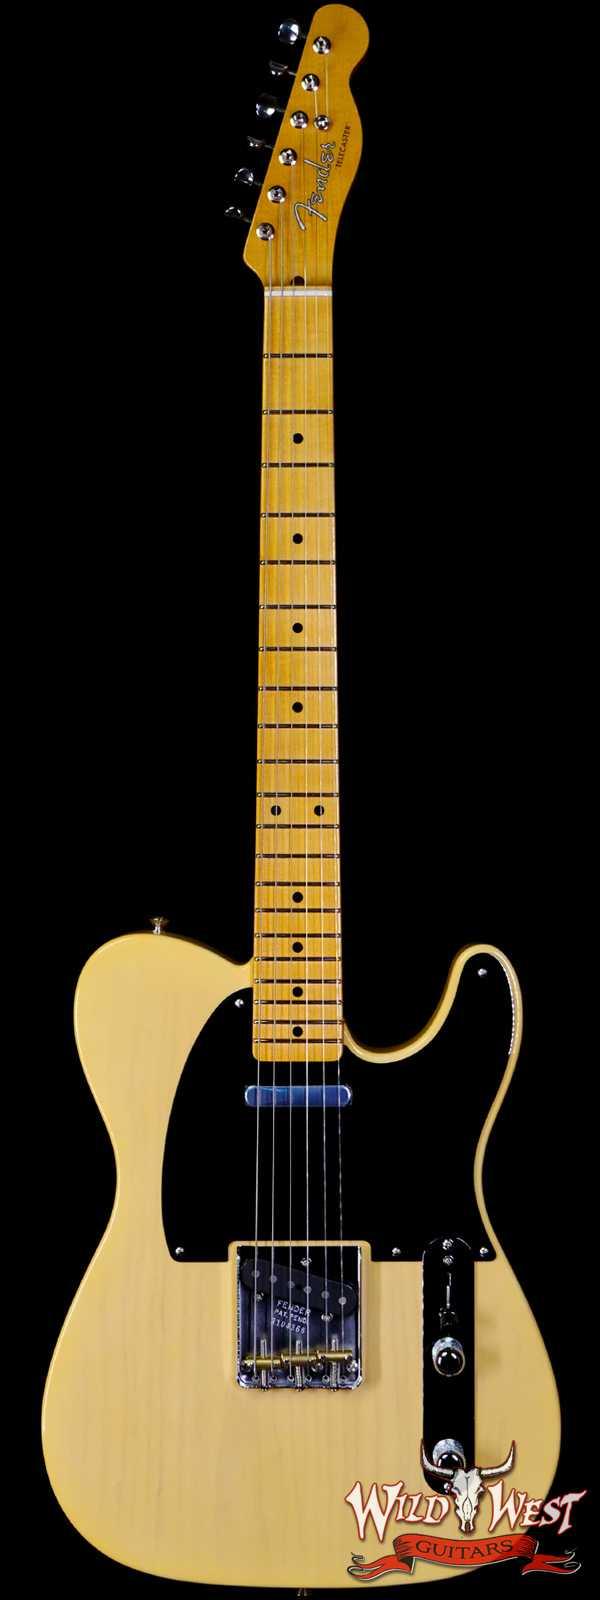 Fender Custom Shop Ltd 1952 Telecaster NOS Nocaster Blonde Hand-Wound Pickups